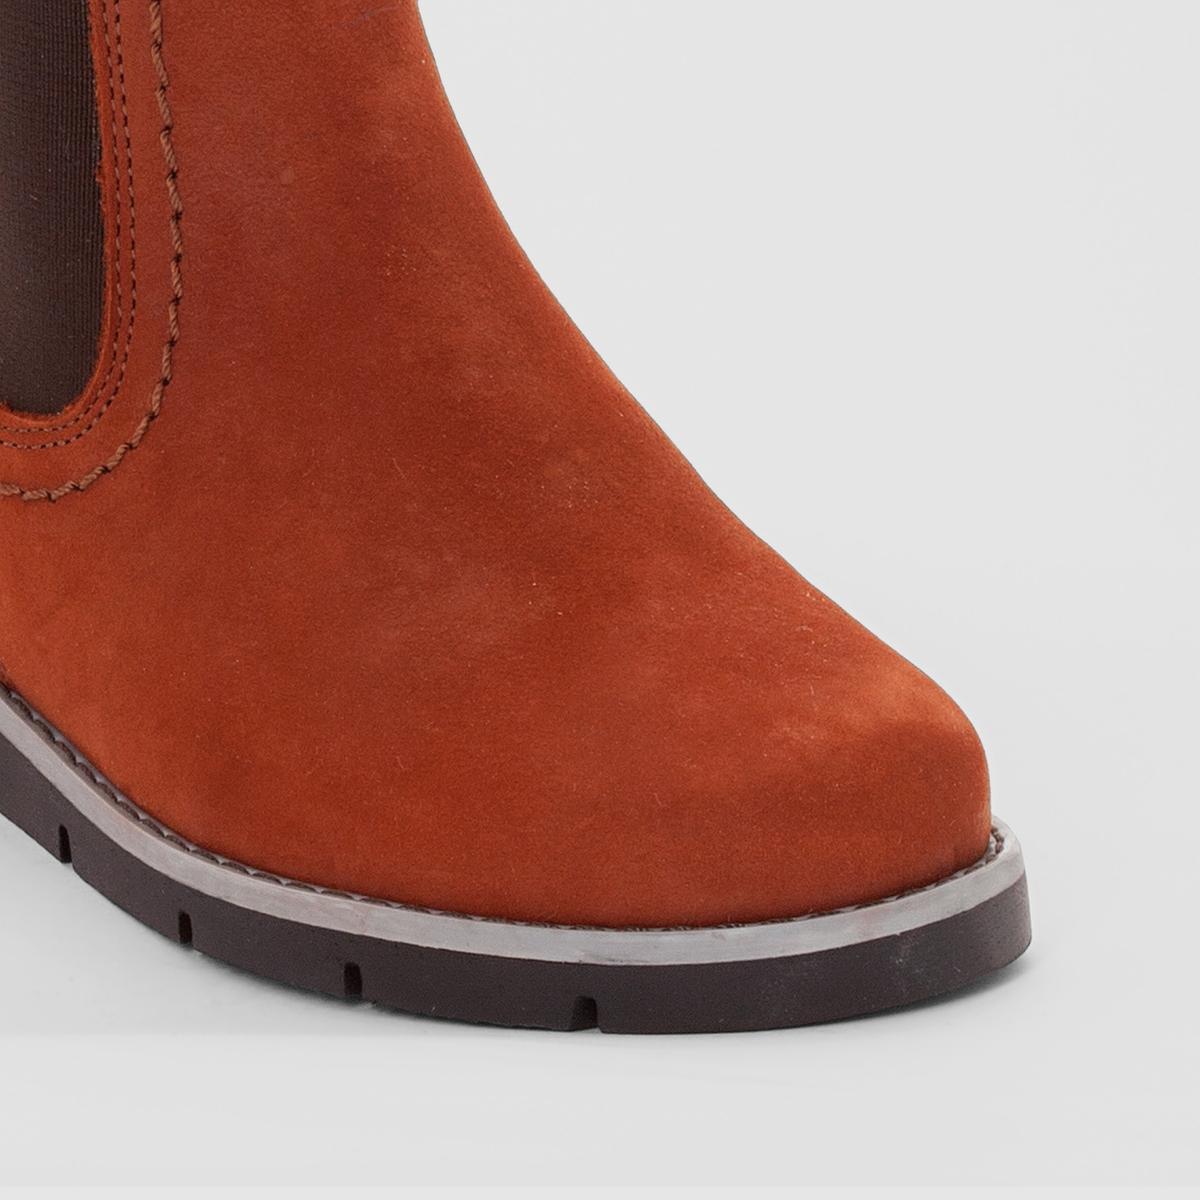 Ботильоны кожаные с цветными эластичными вставкамиКожаный верх, рифленая подошва, прекрасная модель в стиле челси с цветными эластичными вставками : ботильоны кожаные, пользующиеся спросом благодаря своему комфорту и стилю !<br><br>Цвет: темно-бежевый + красный<br>Размер: 28